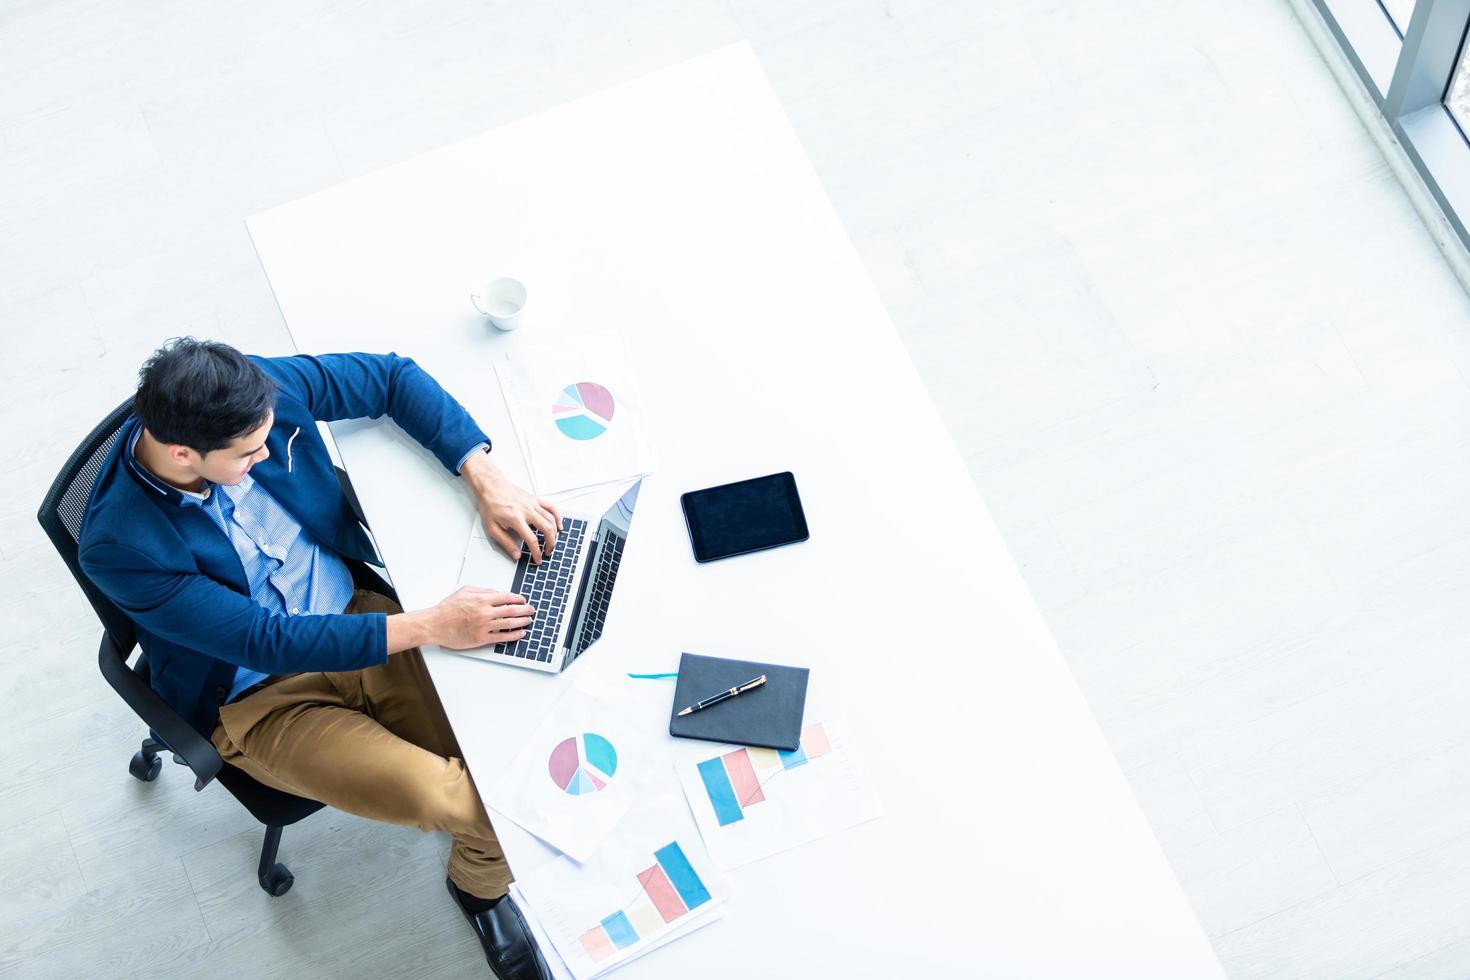 jeune homme d'affaires asiatique travaillant dans un bureau moderne photo